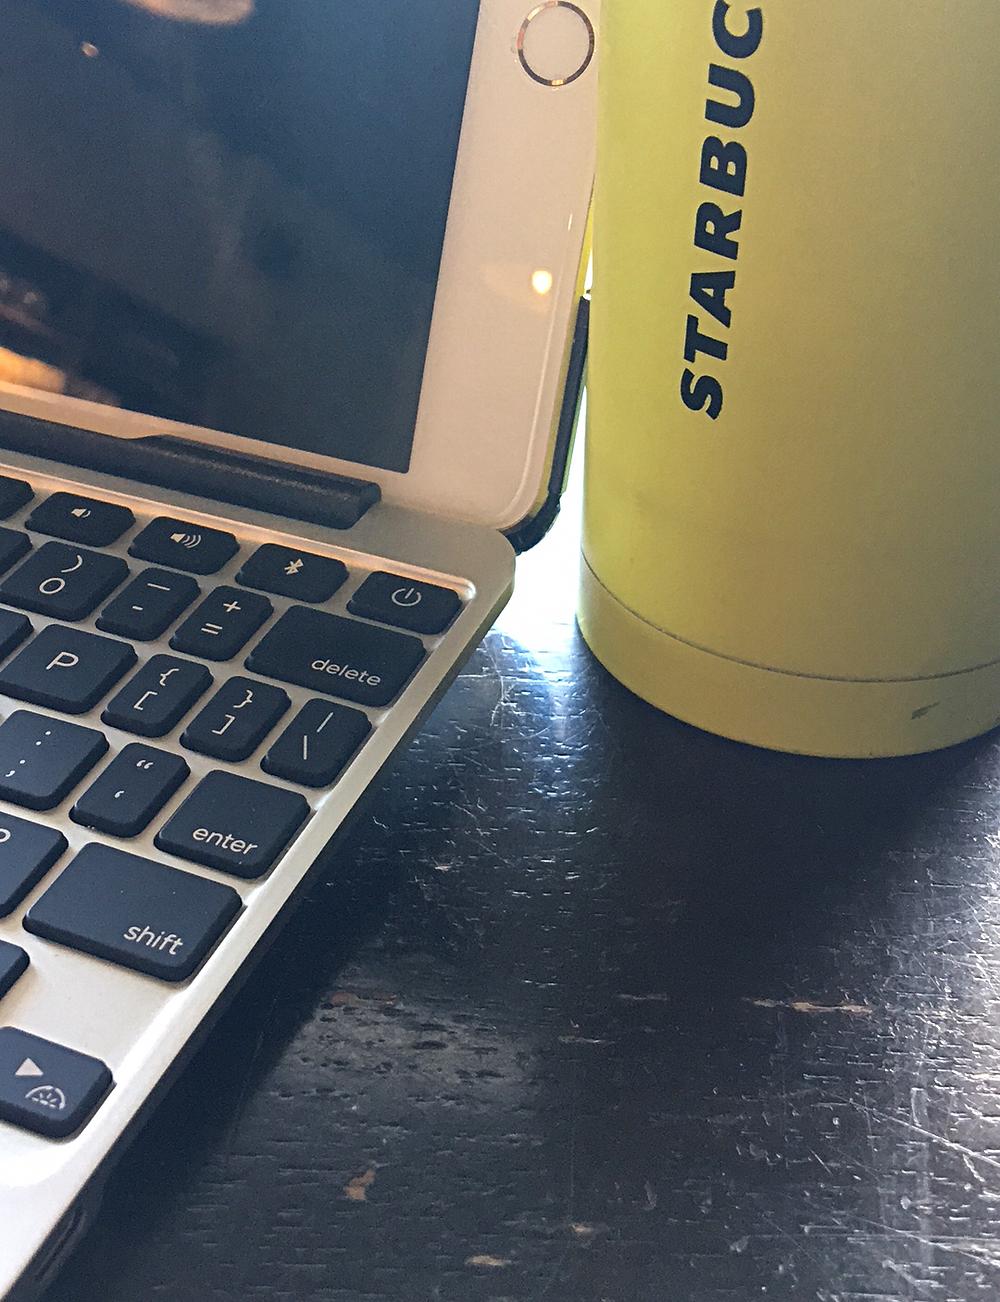 Digital at coffee shop